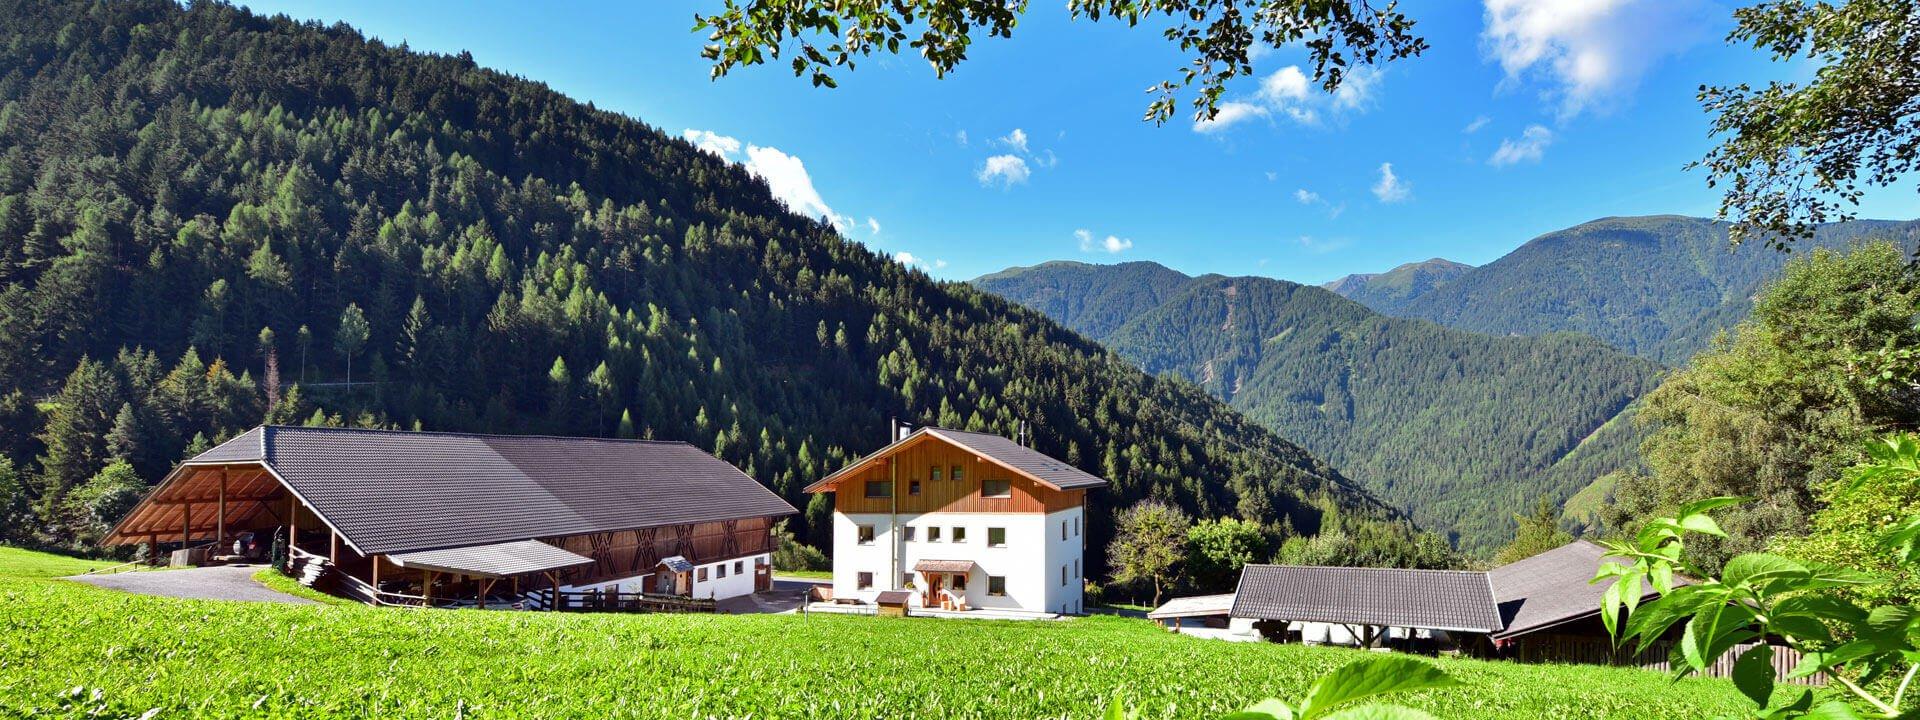 bacherhof-ferienwohnung-luesen-07